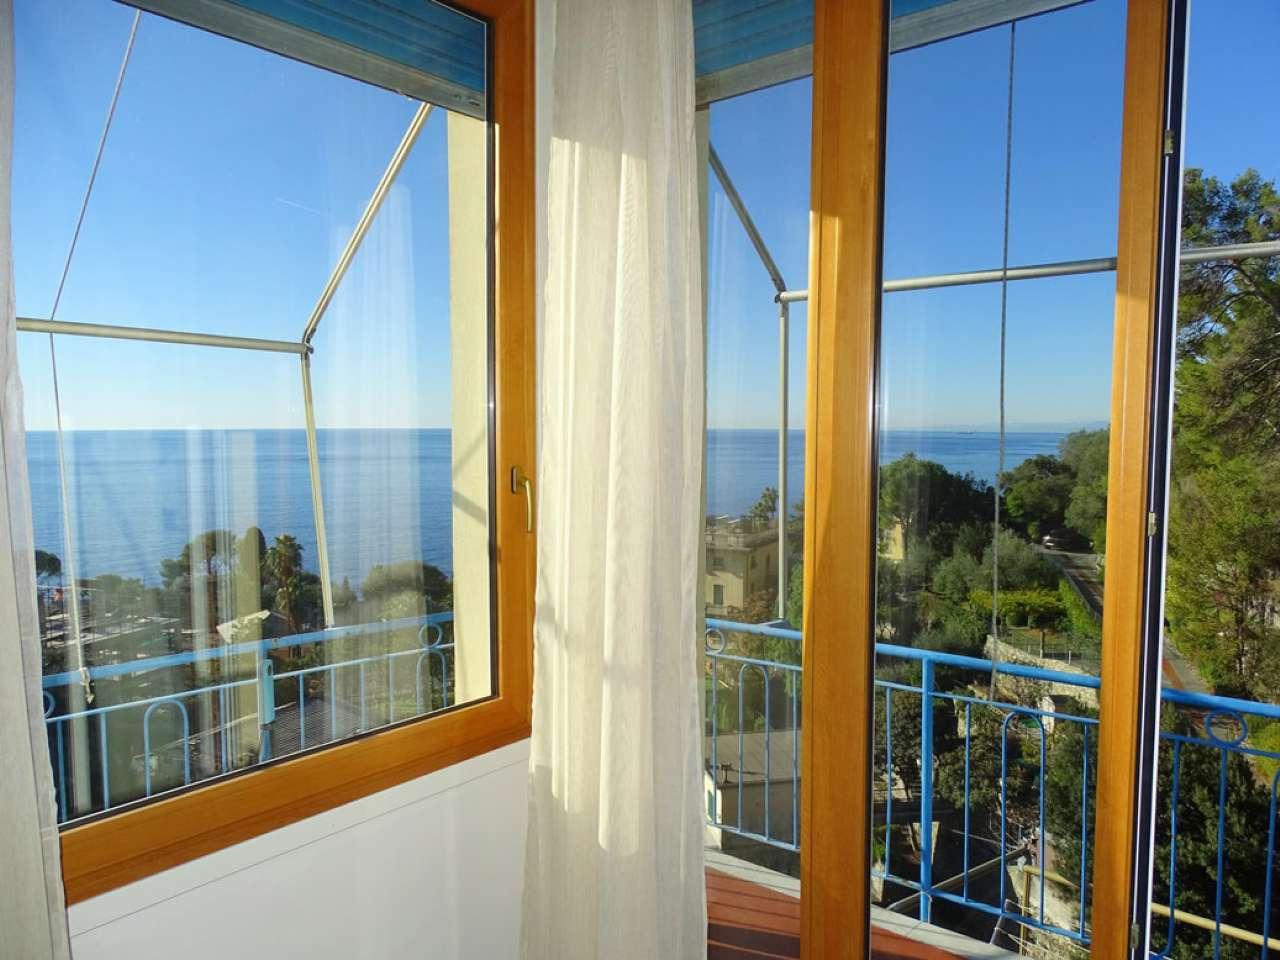 Appartamento in vendita a Pieve Ligure, 4 locali, prezzo € 298.000   CambioCasa.it